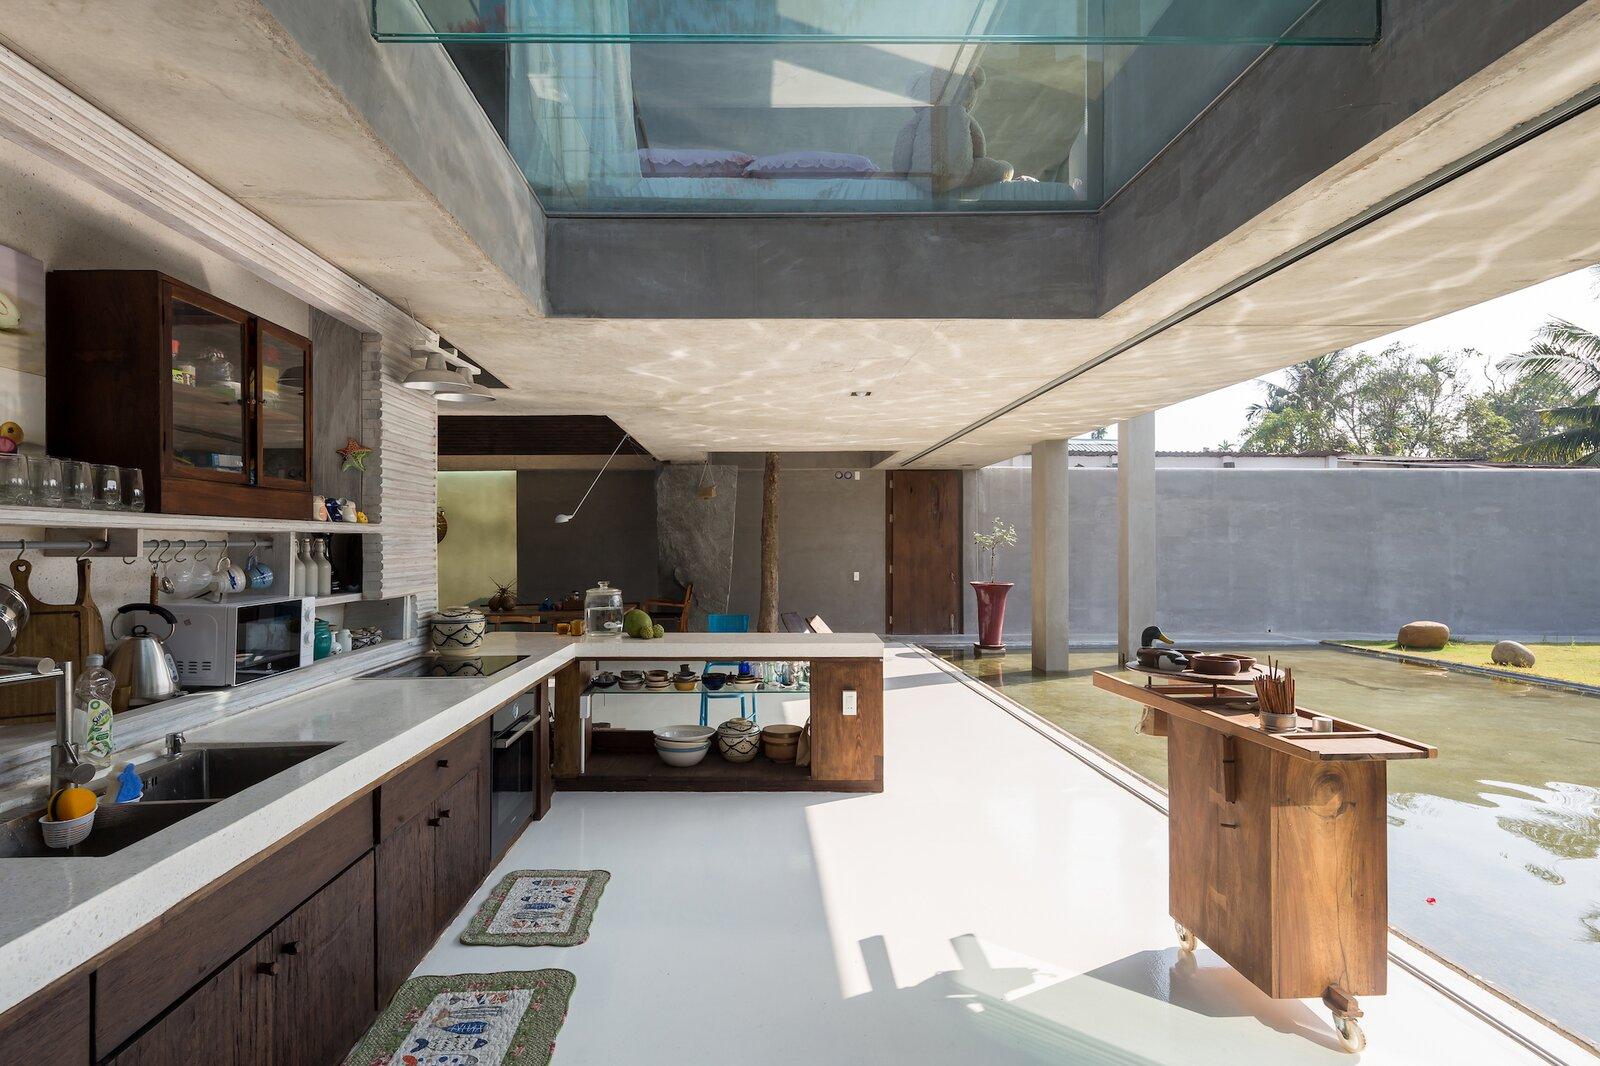 Da House kitchen